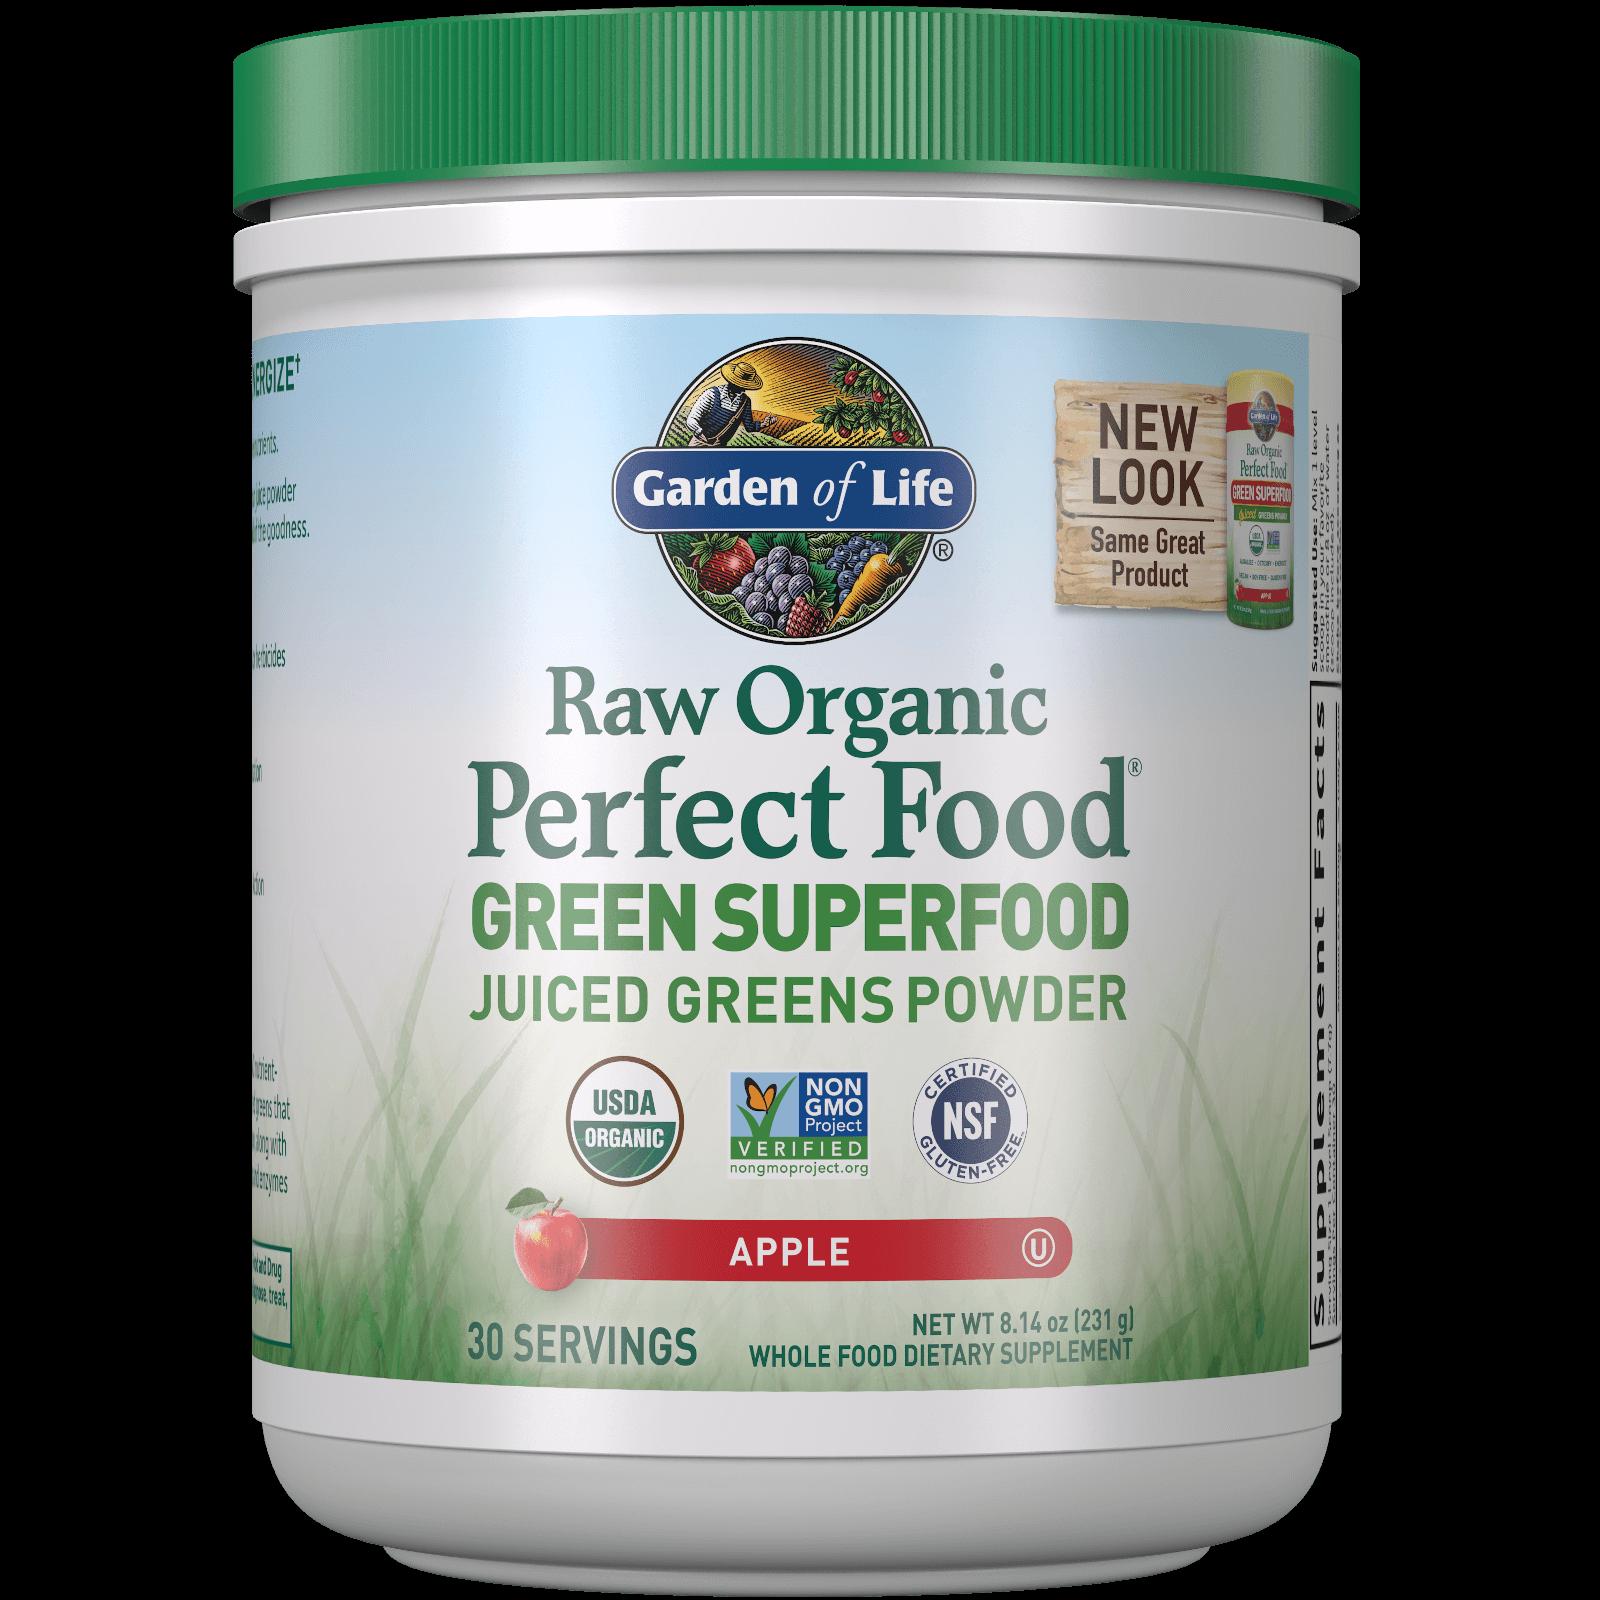 Raw Biologische Perfecte Voeding Groen Superfood - appel - 231 g